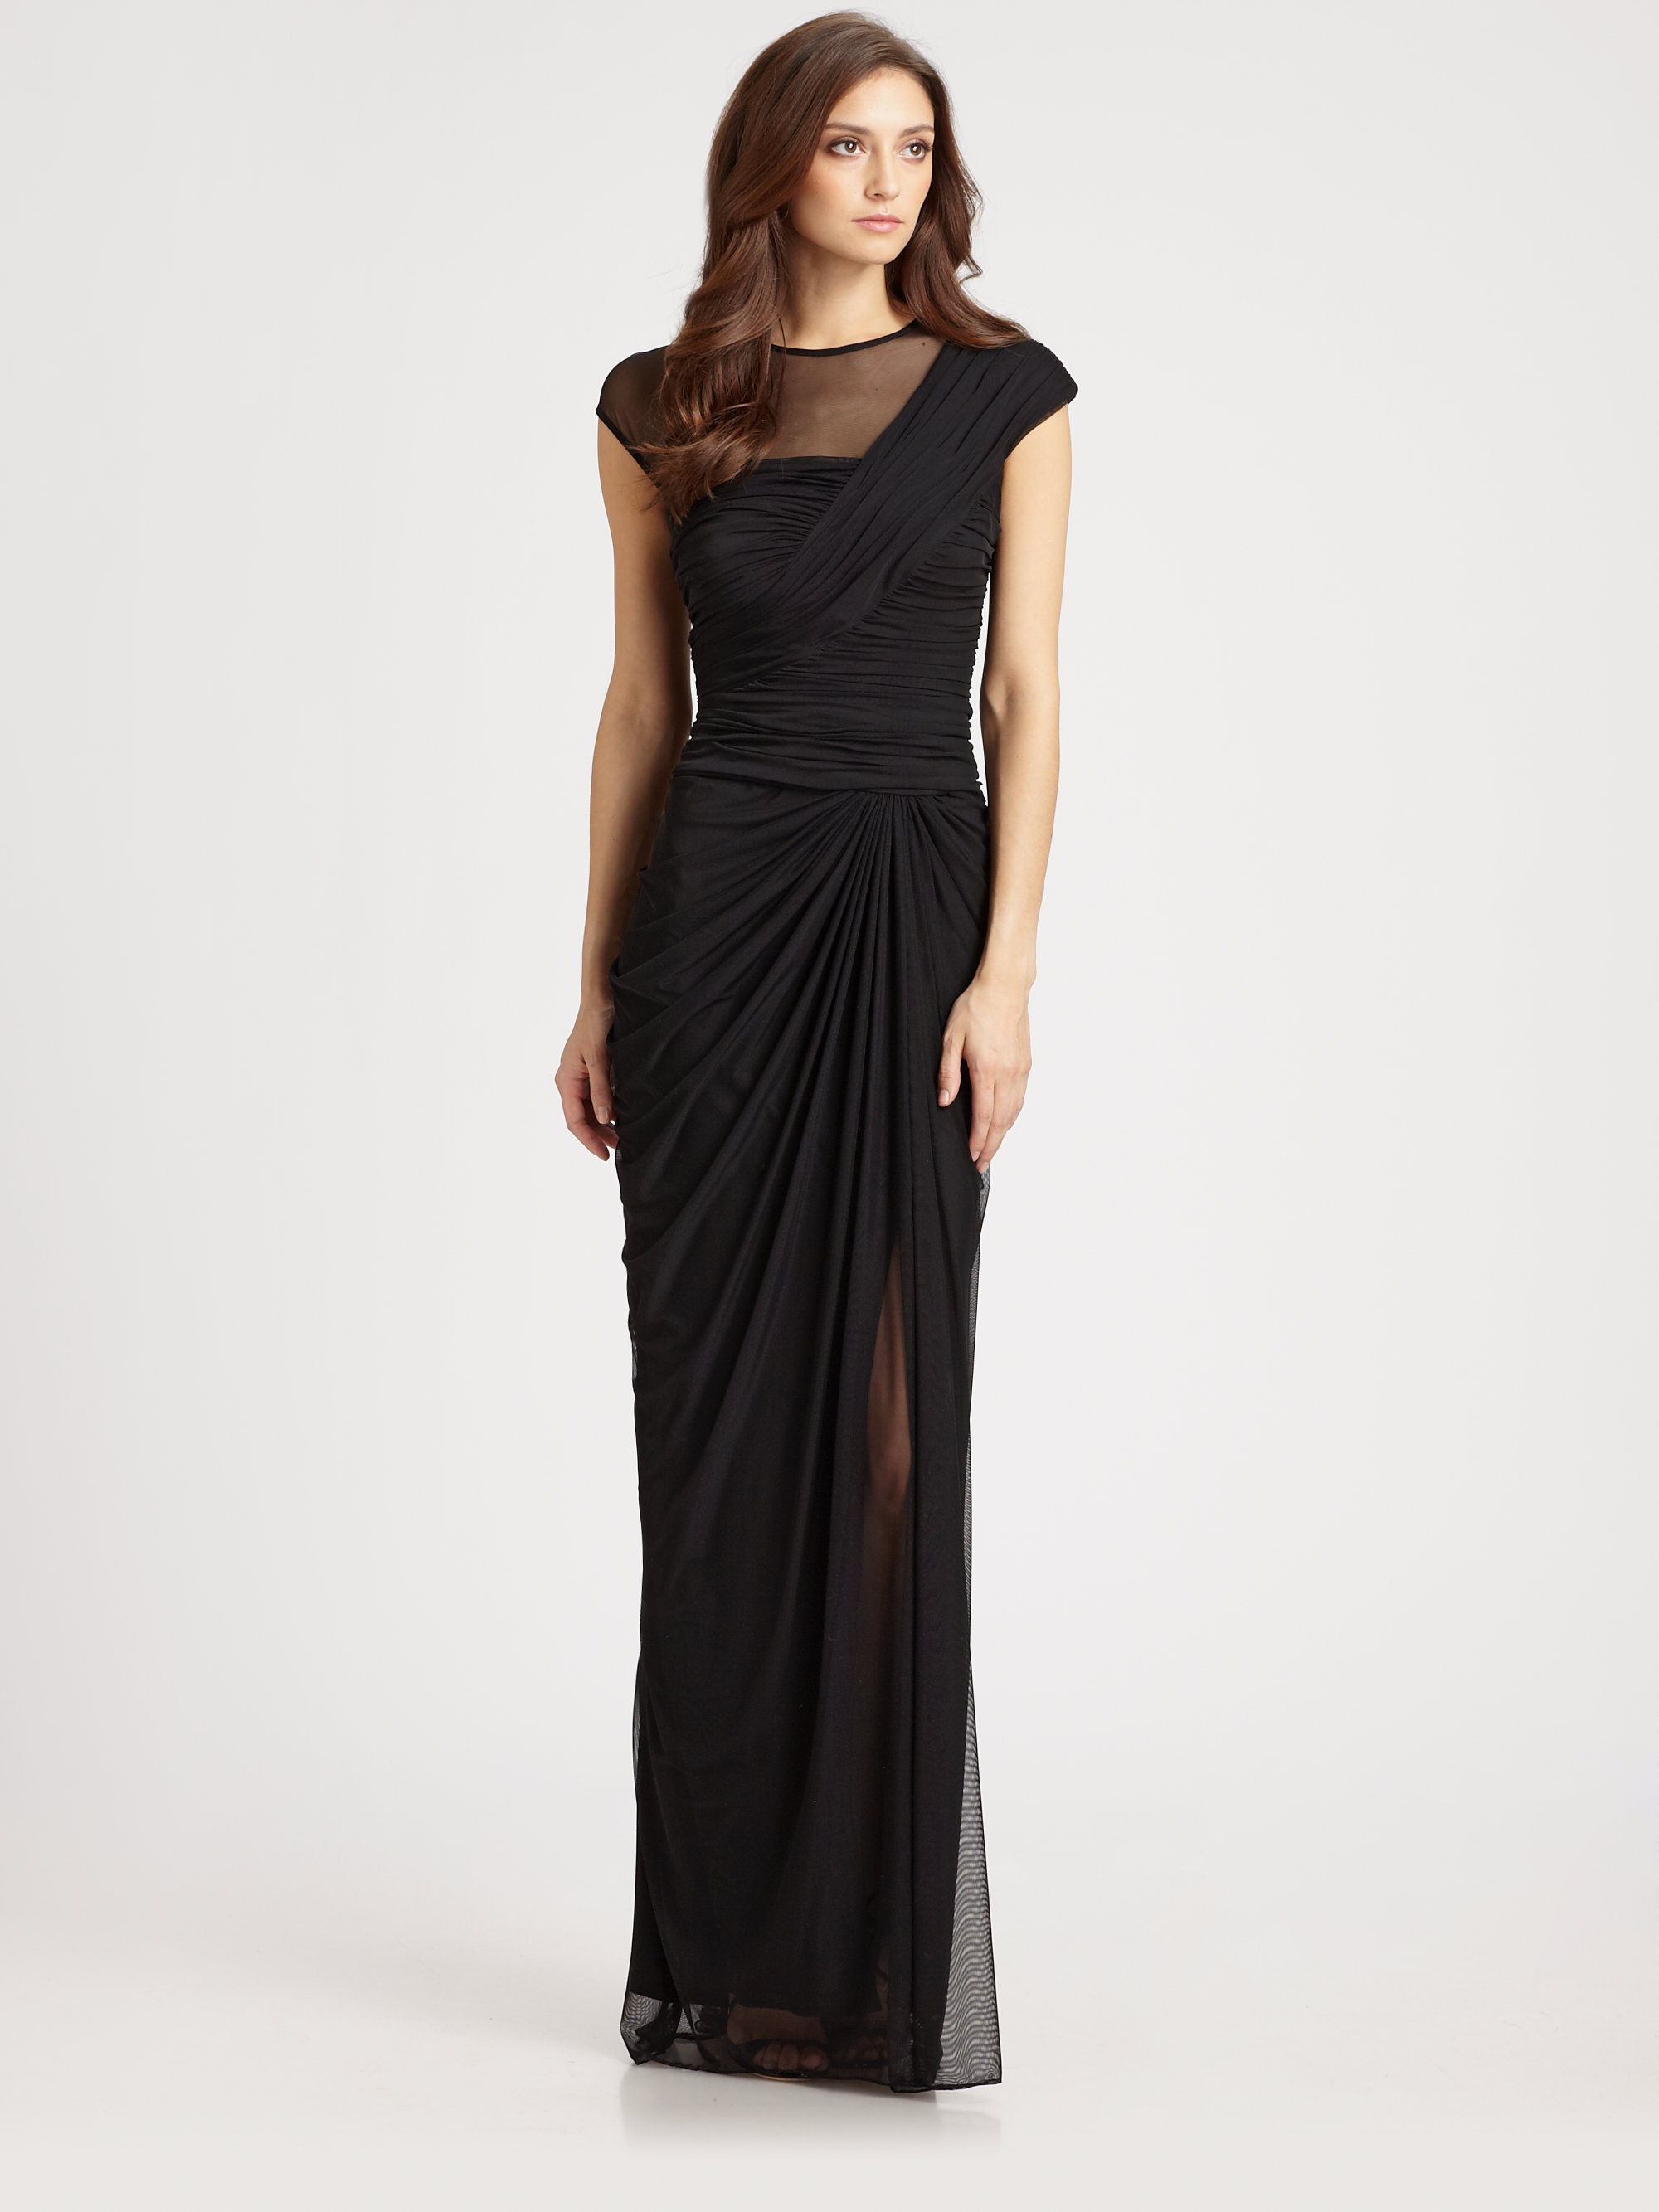 Lyst - Tadashi Shoji Illusion Gown in Black